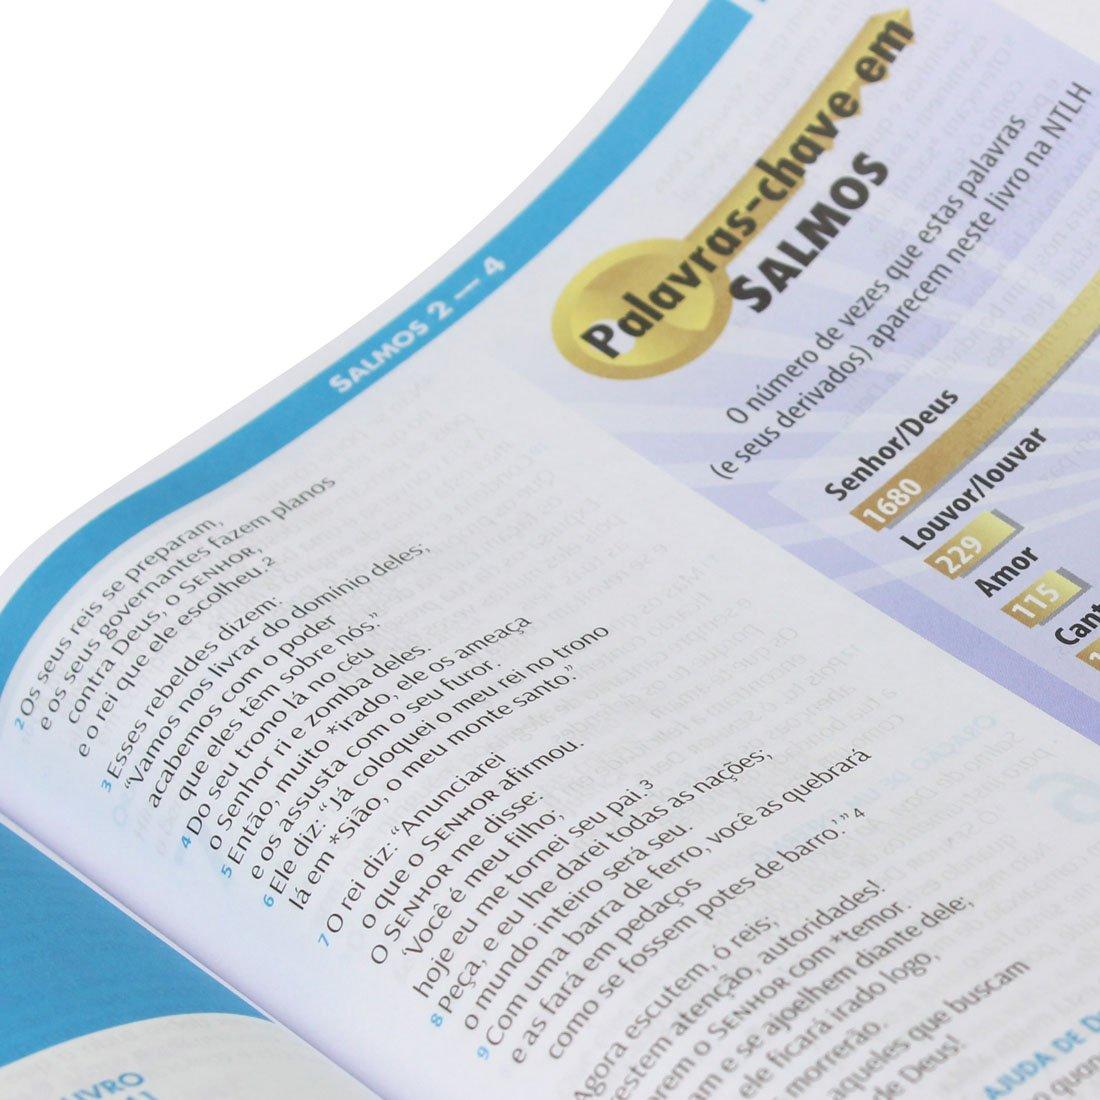 Bíblia Visual com Infográficos - Nova Tradução na Linguagem de Hoje